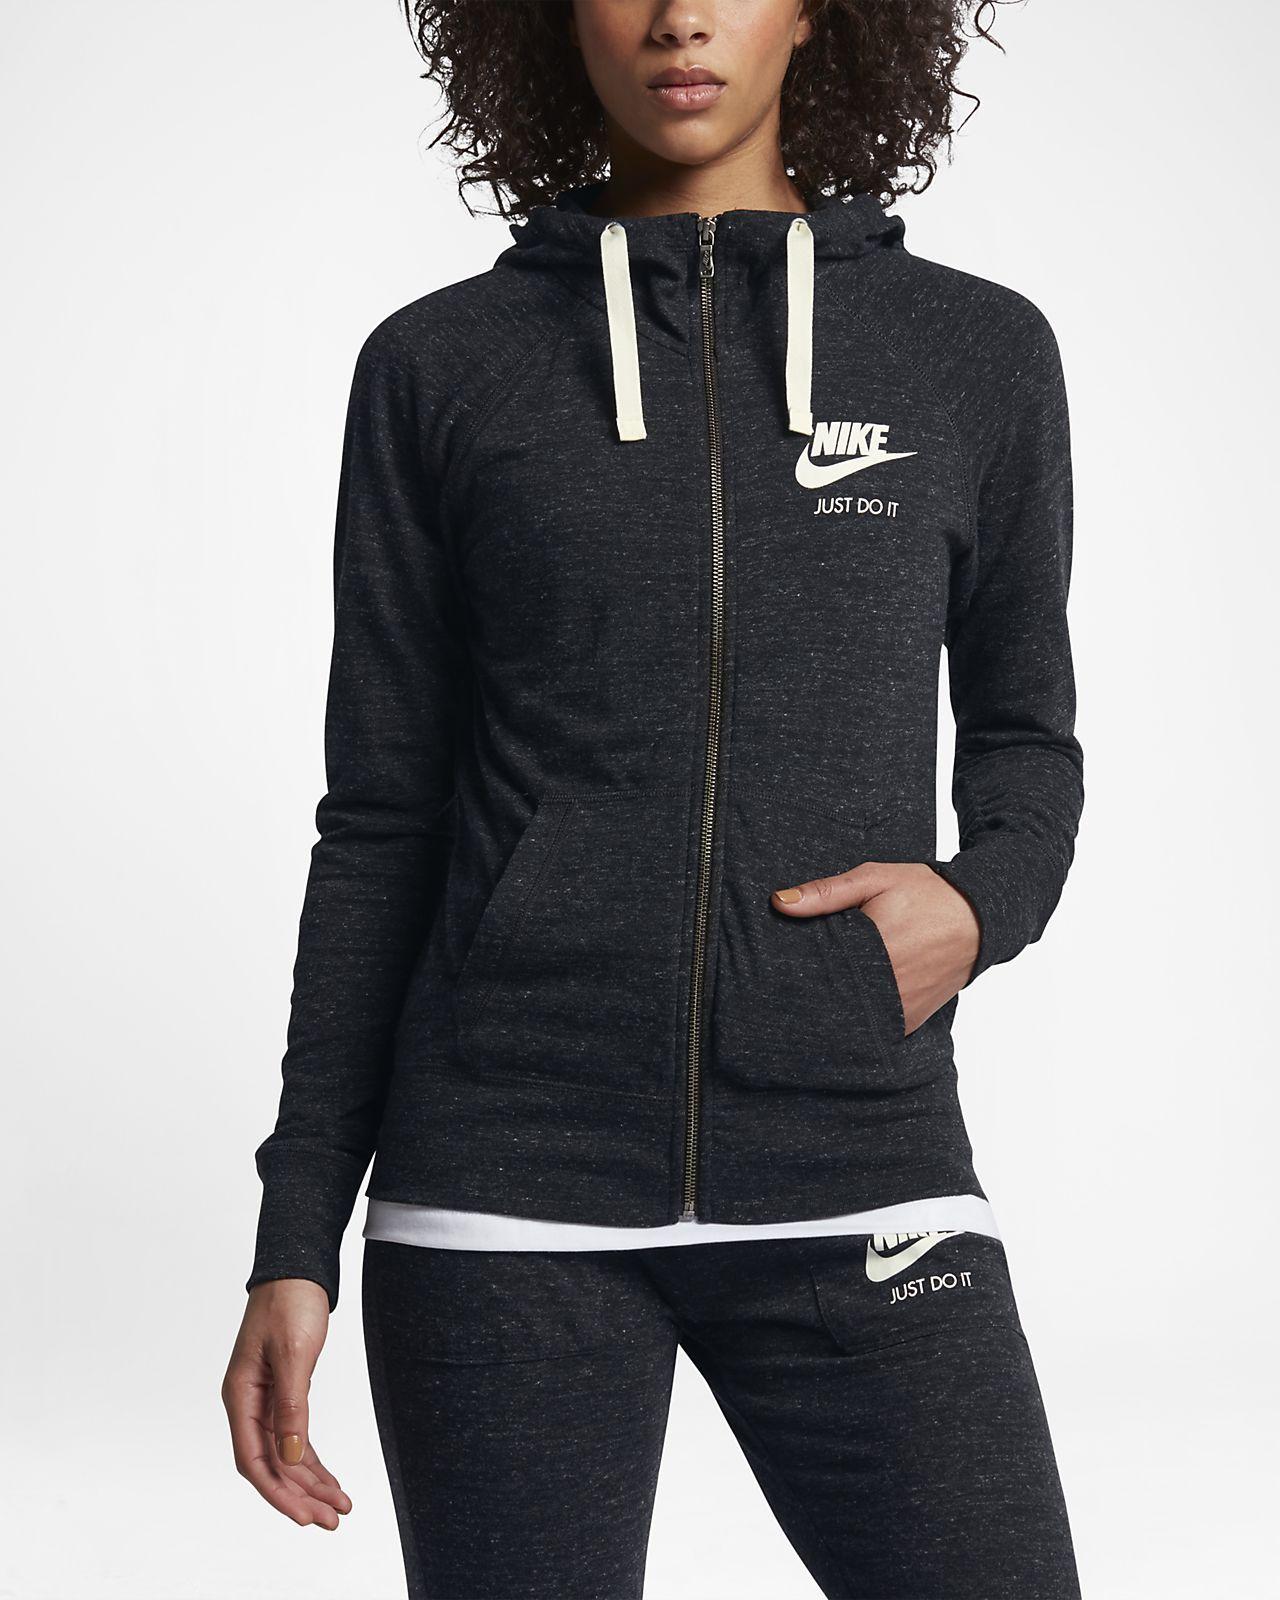 55568e0b3b Sweat à capuche entièrement zippé Nike Sportswear Gym Vintage pour Femme